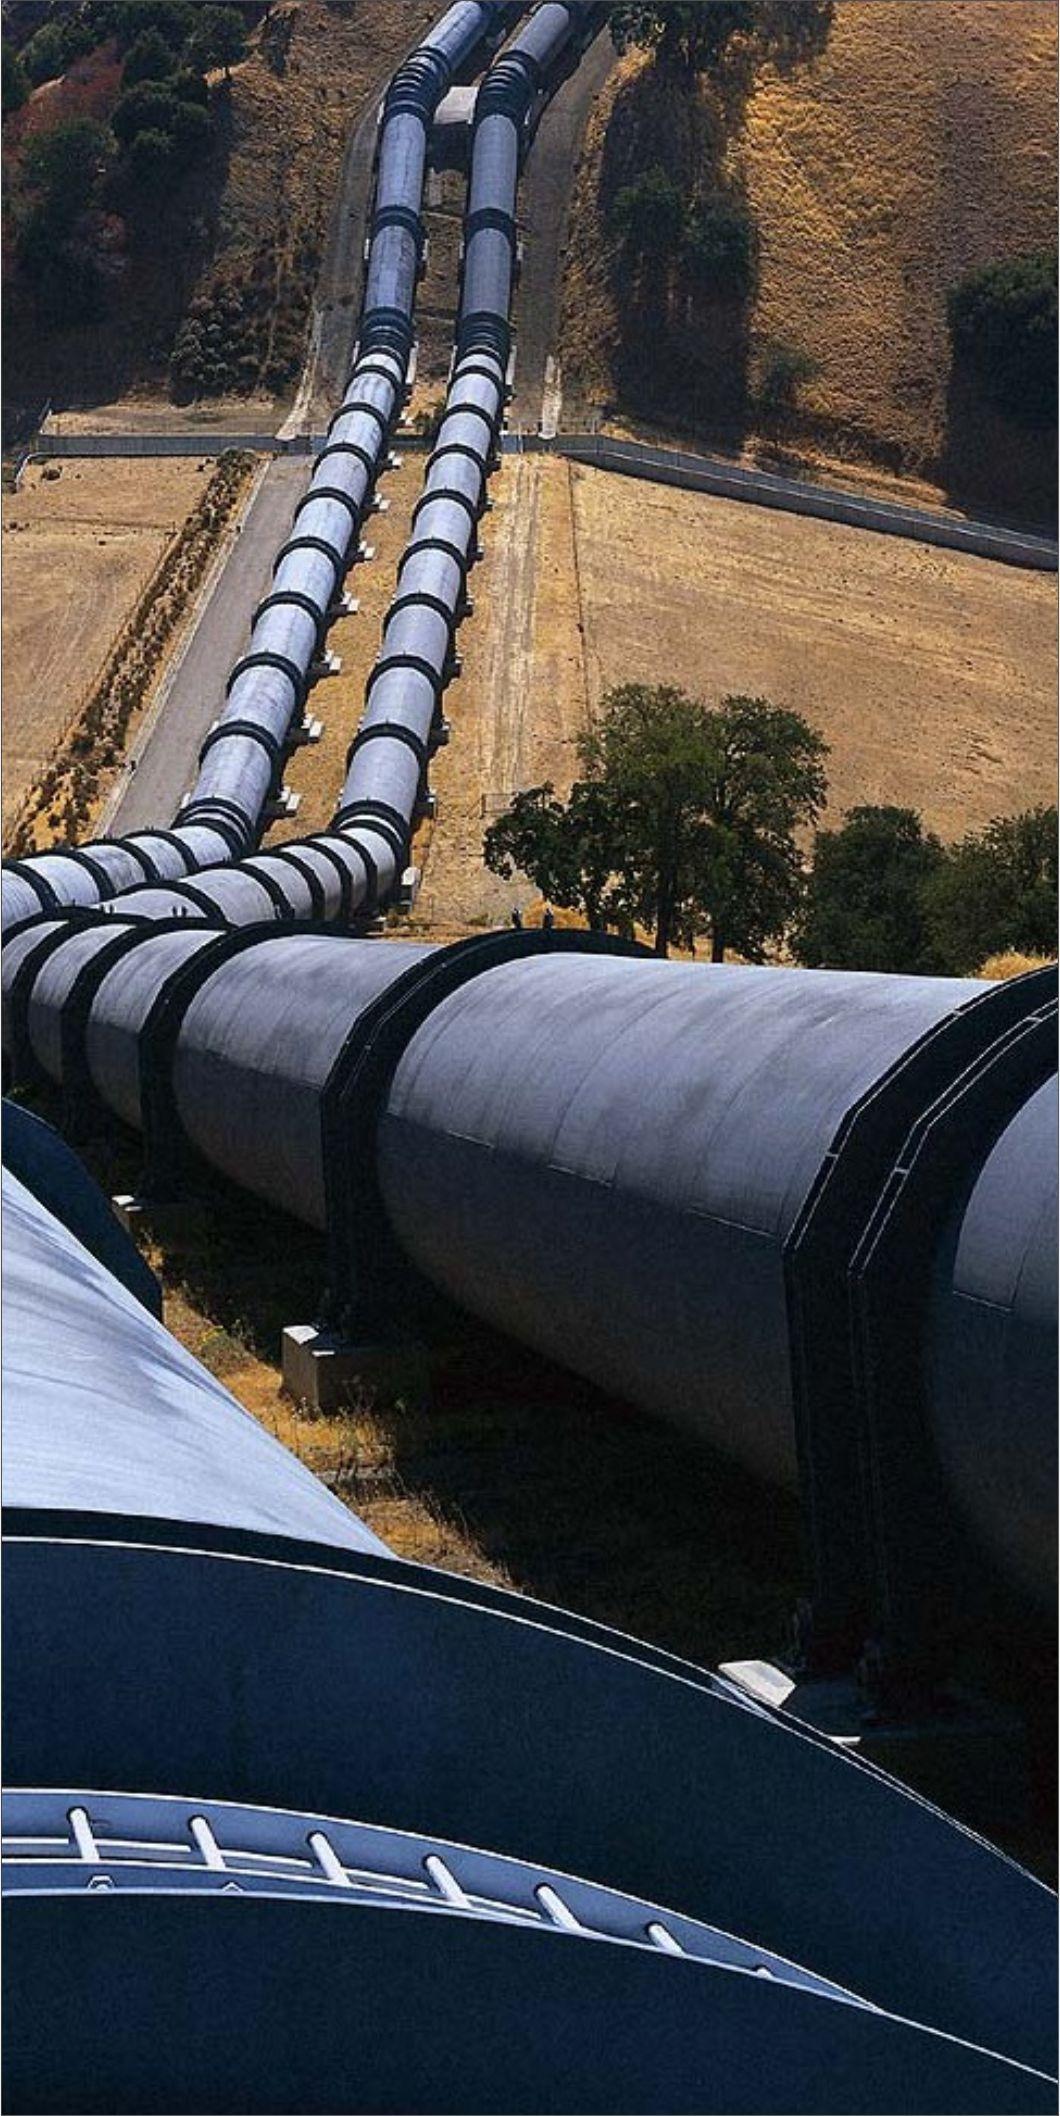 Минфин РФ изучает альтернативу лицензированию экспорта нефтепродуктов